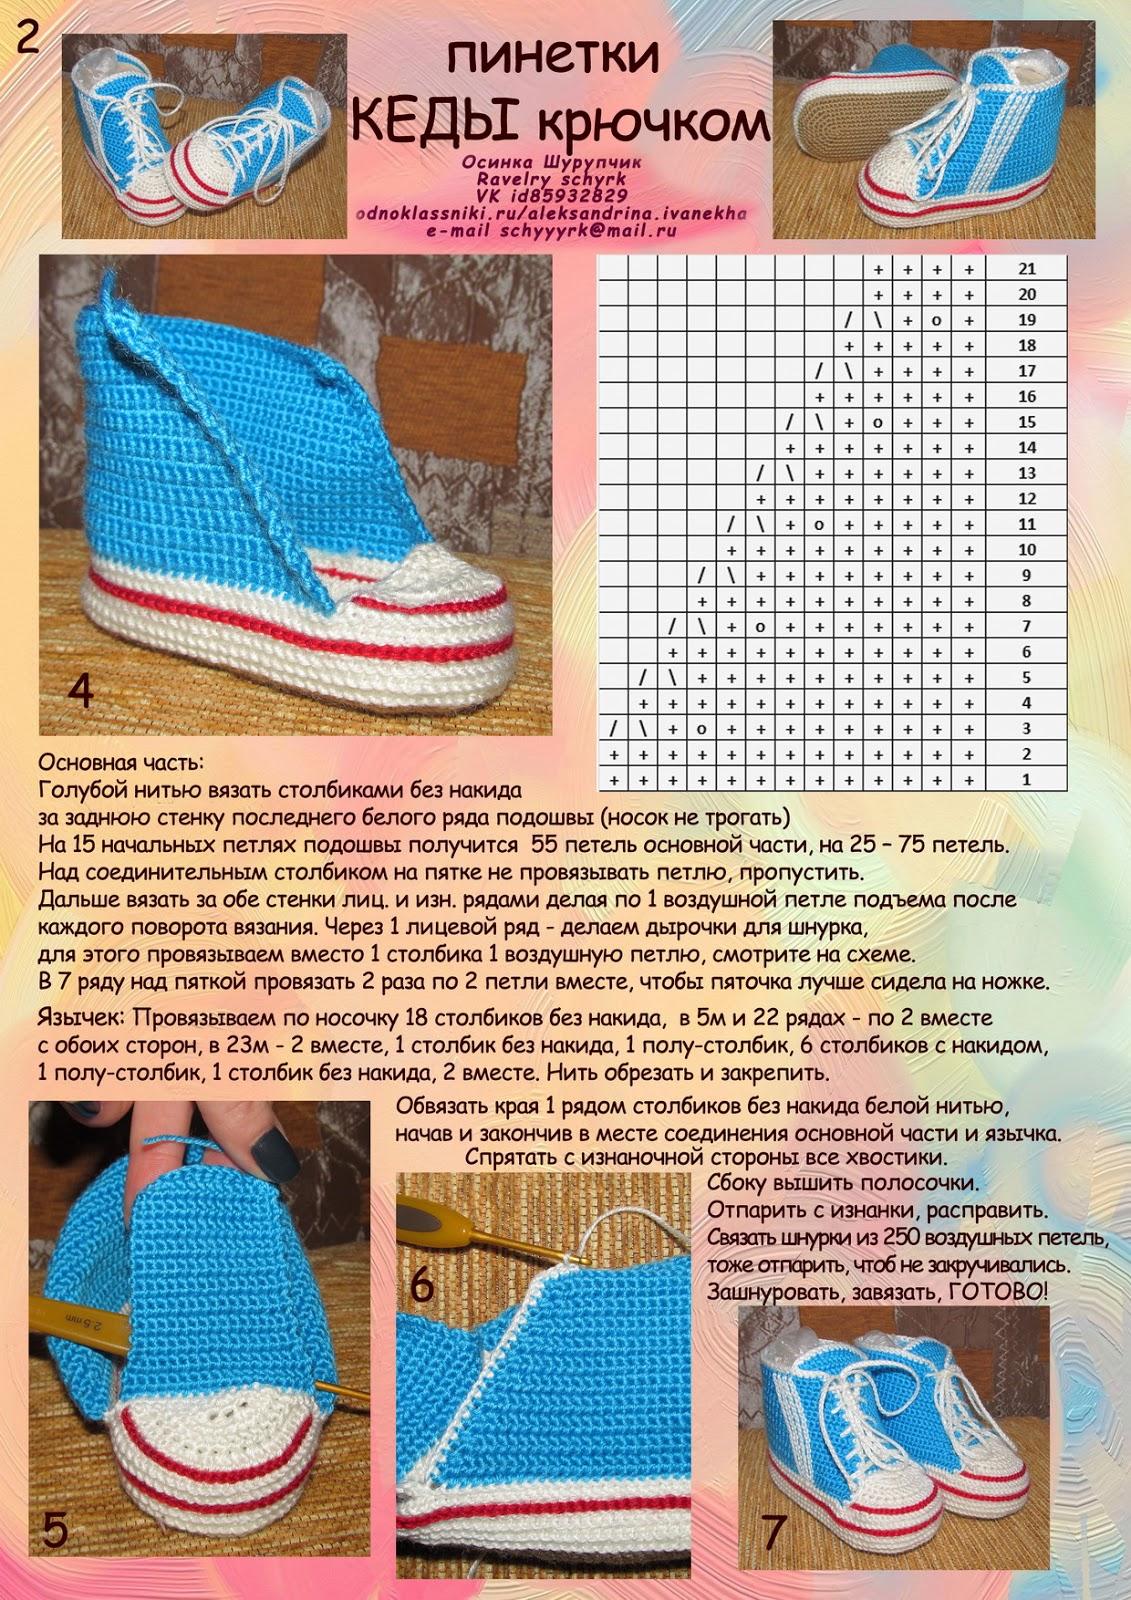 Вязание крючком пинеток мастер класс с описанием